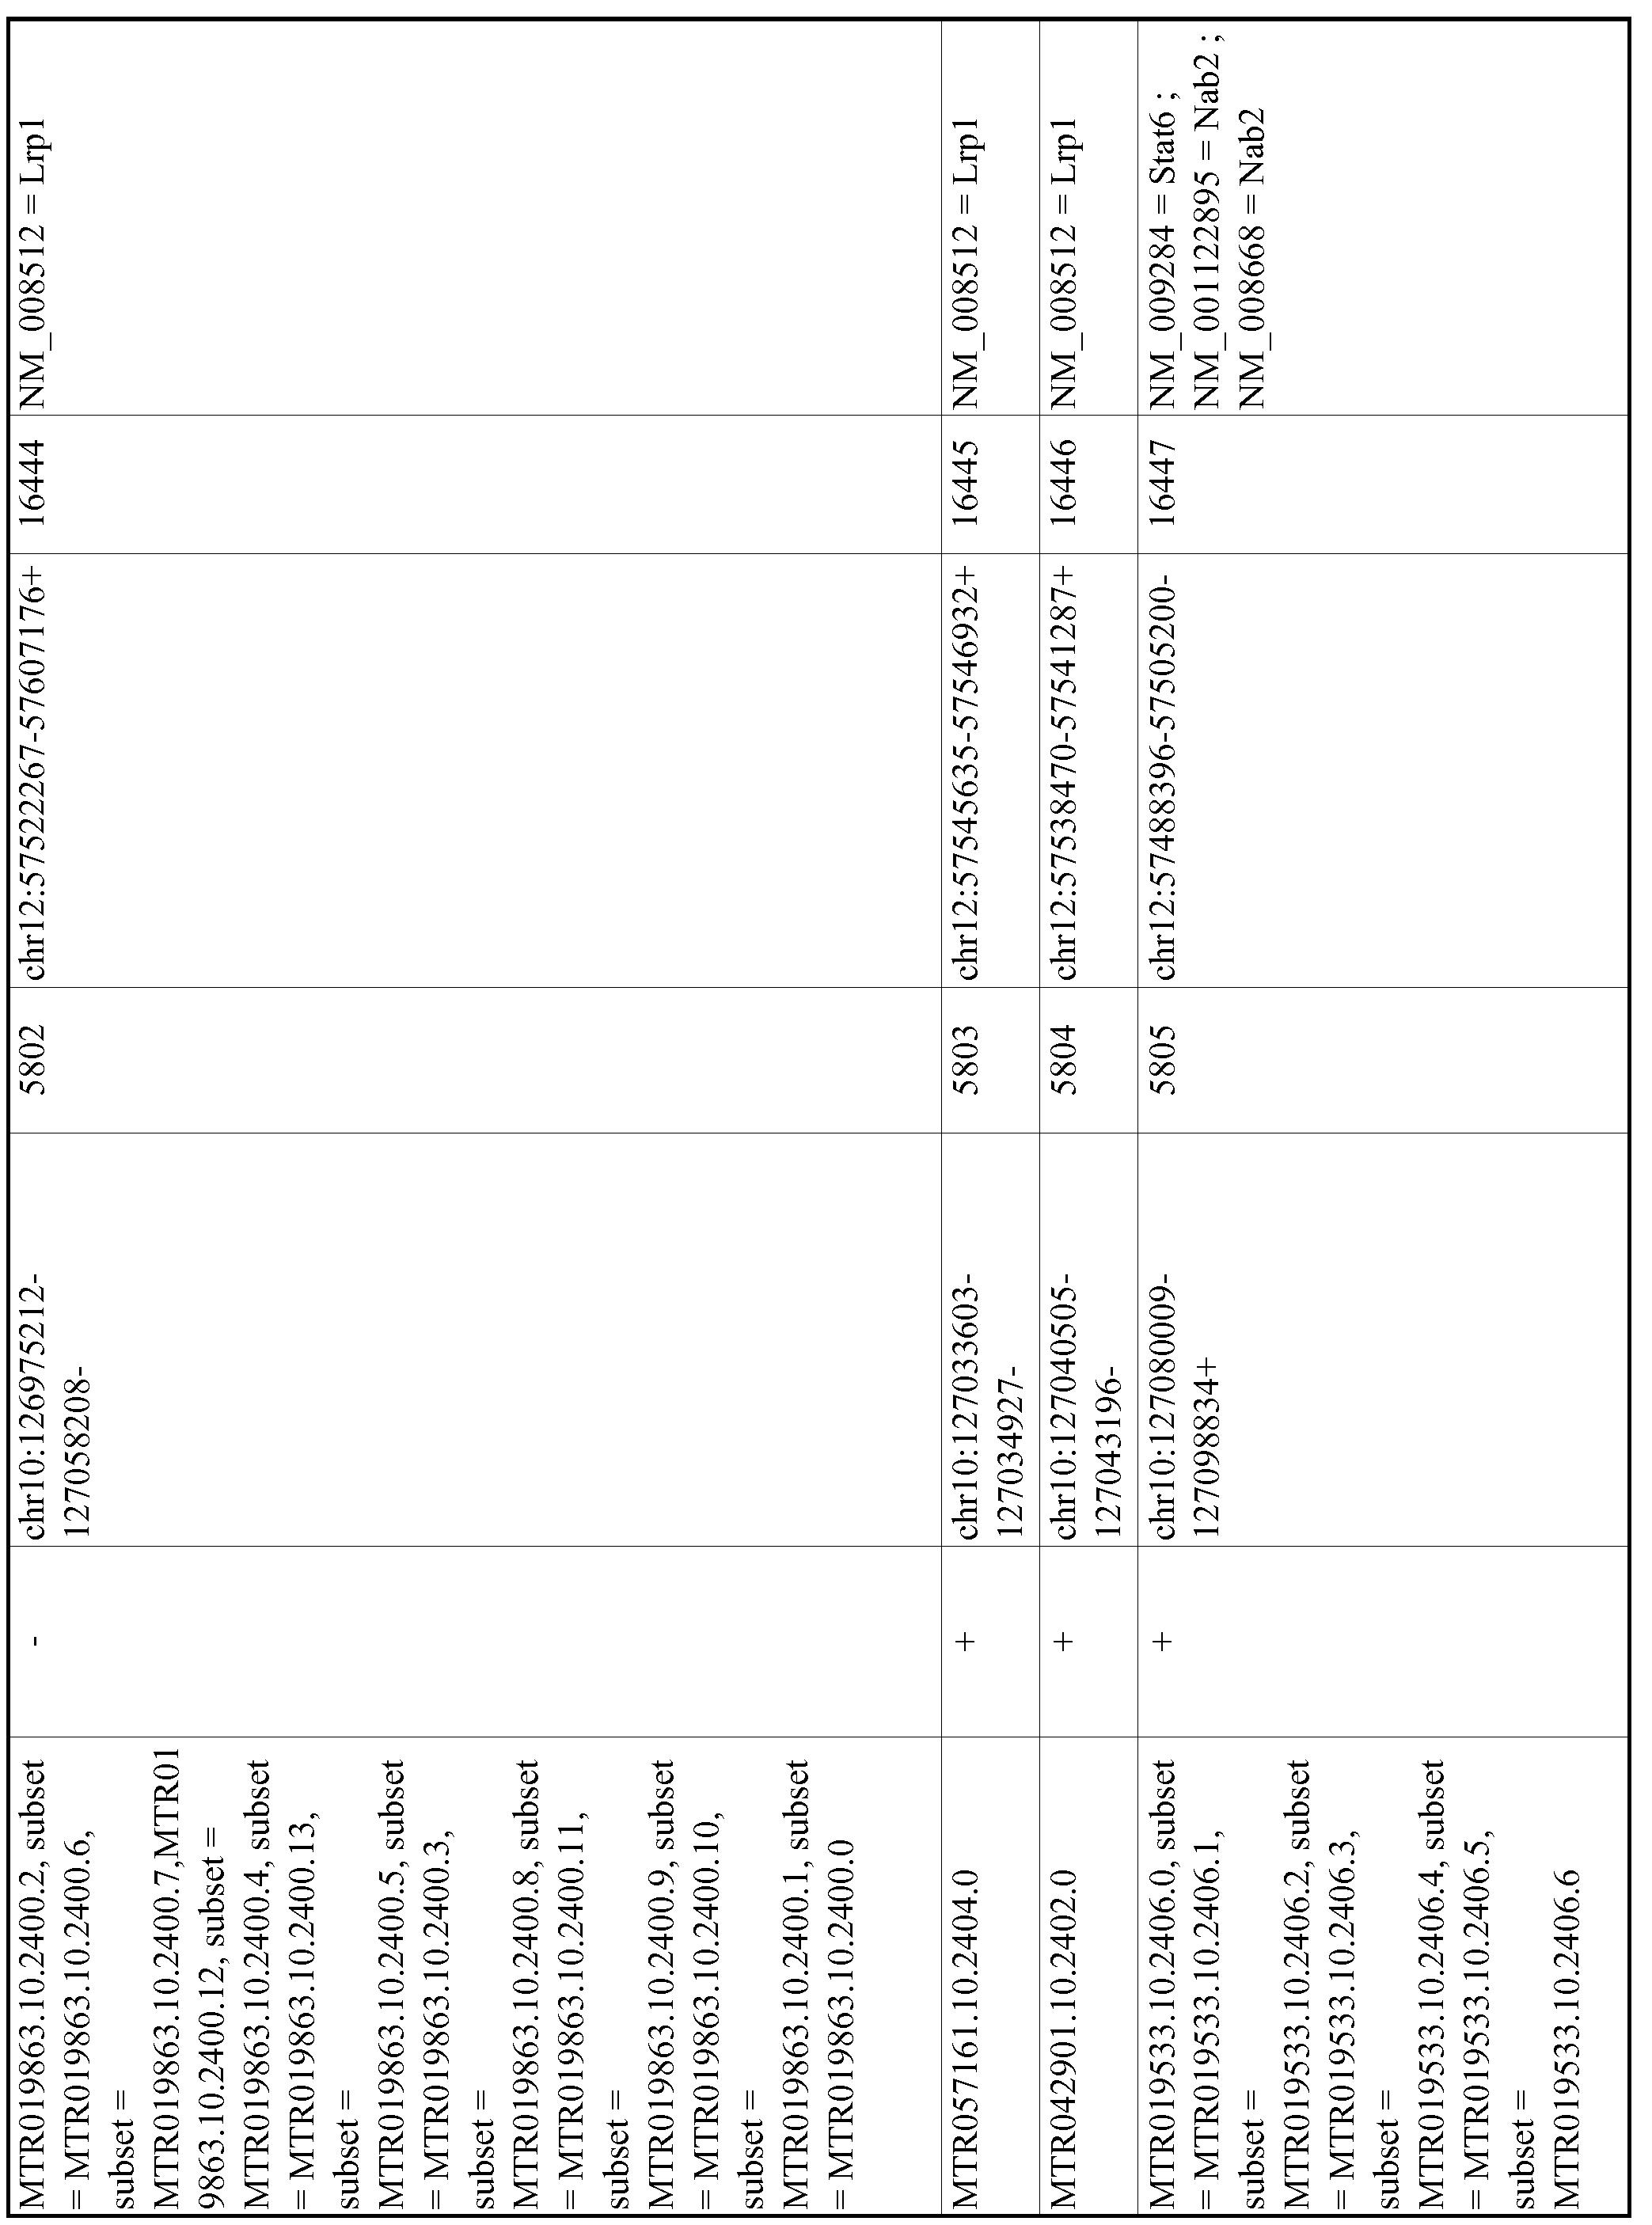 Figure imgf001048_0001